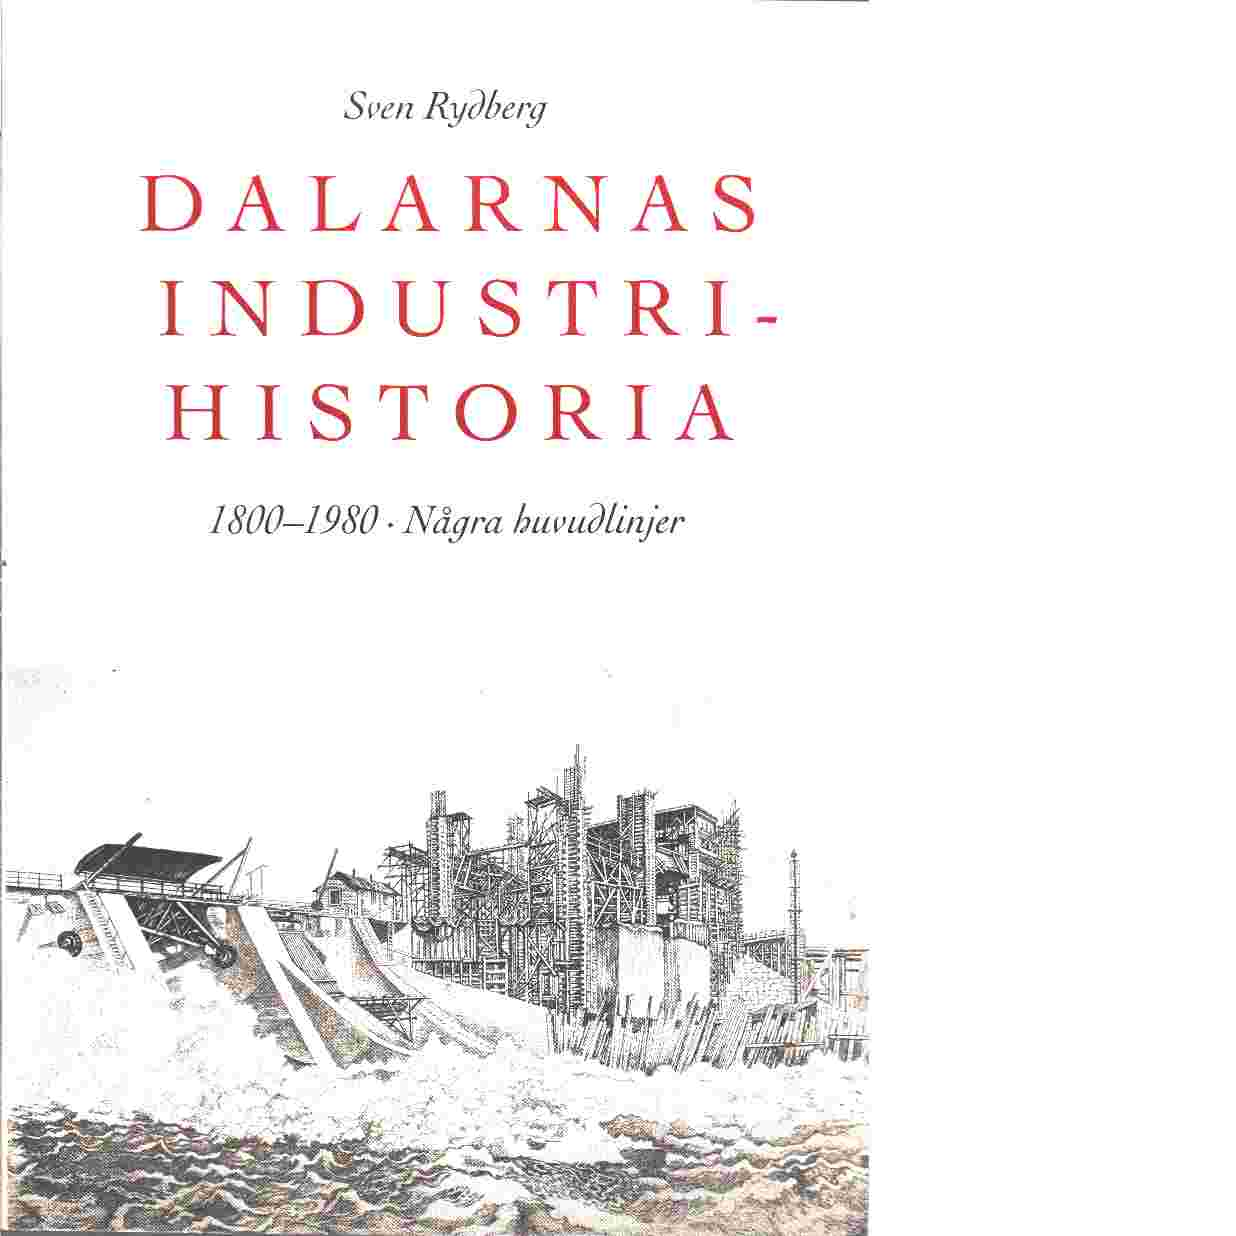 Dalarnas industrihistoria -1890-1980, några huvudlinjer - Rydberg, Sven